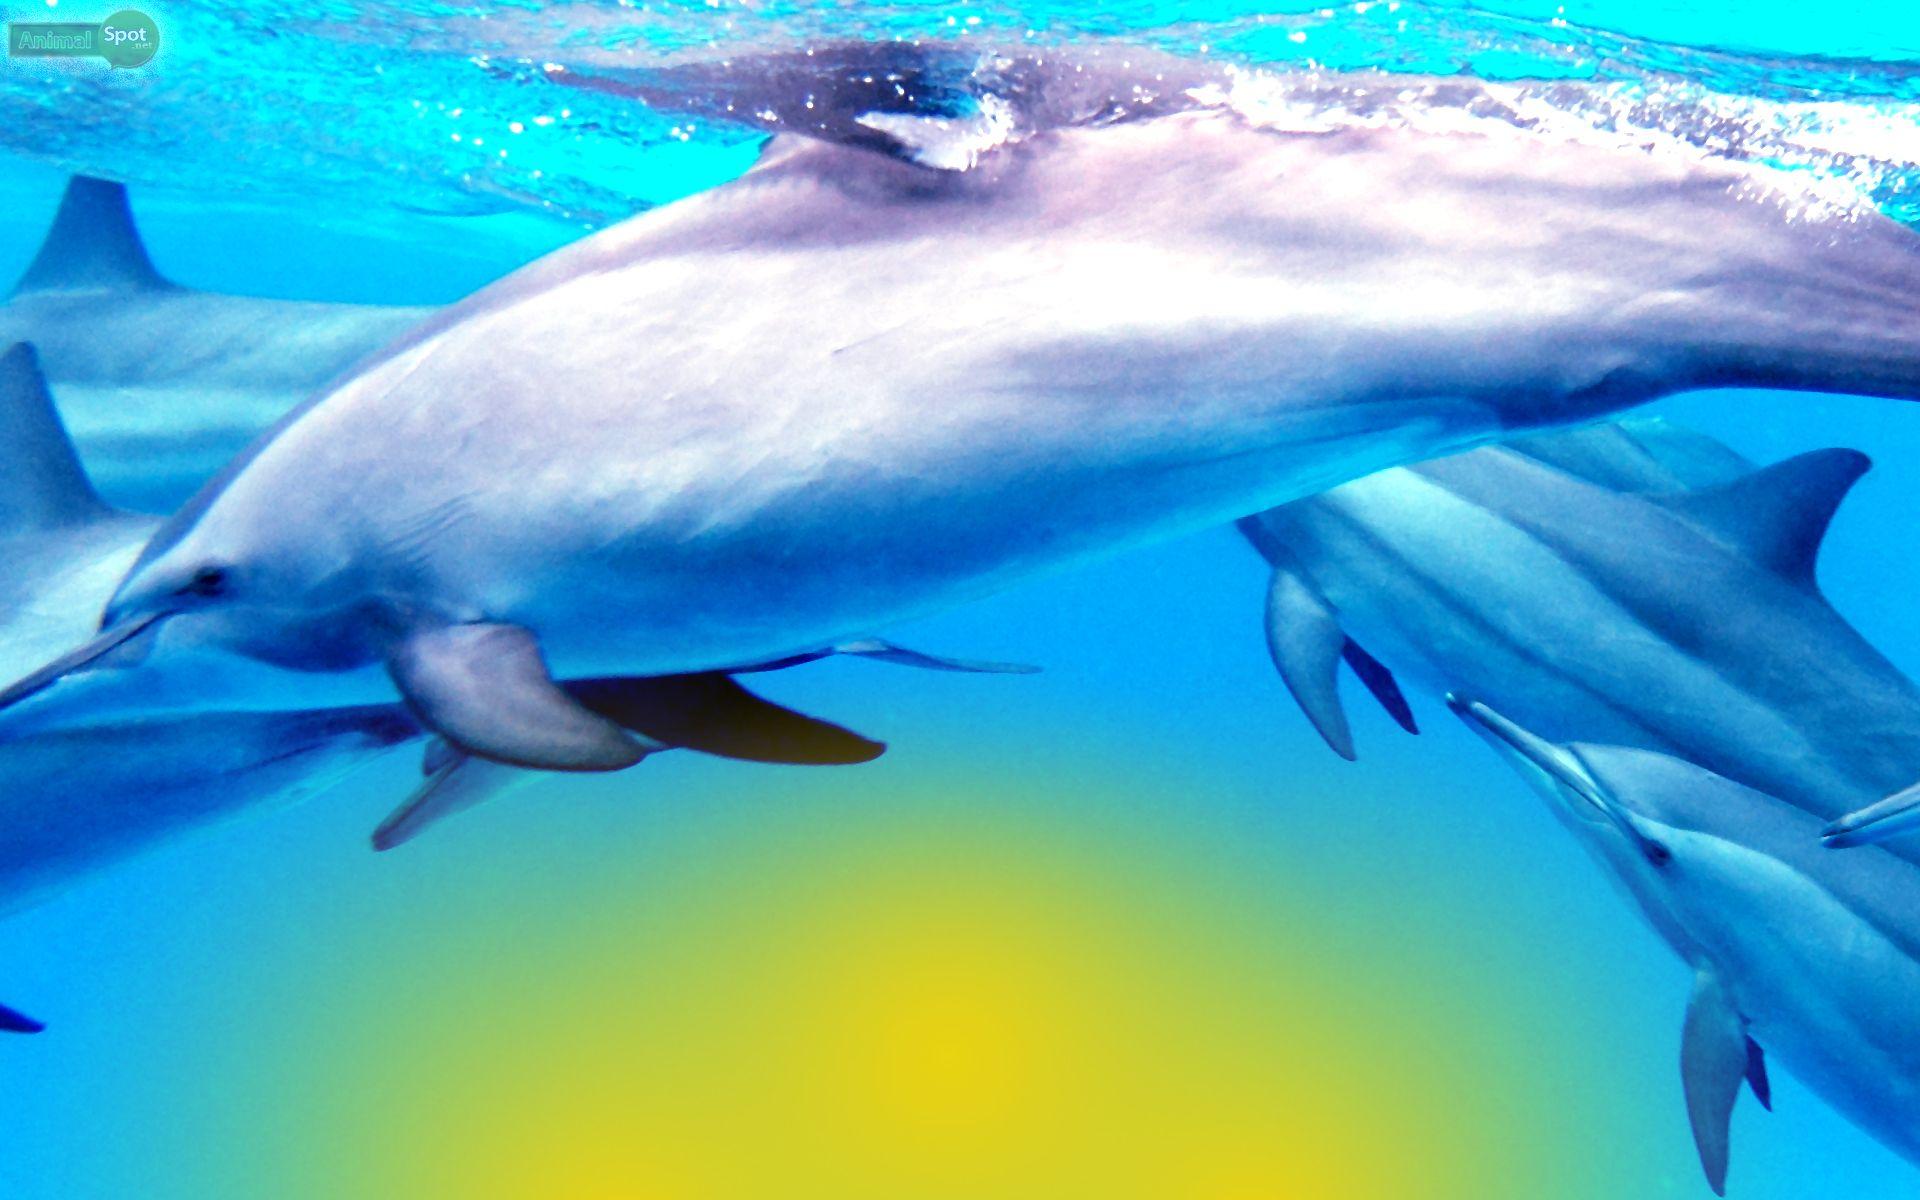 финальный дельфины картинки ассоциации шкатулка может